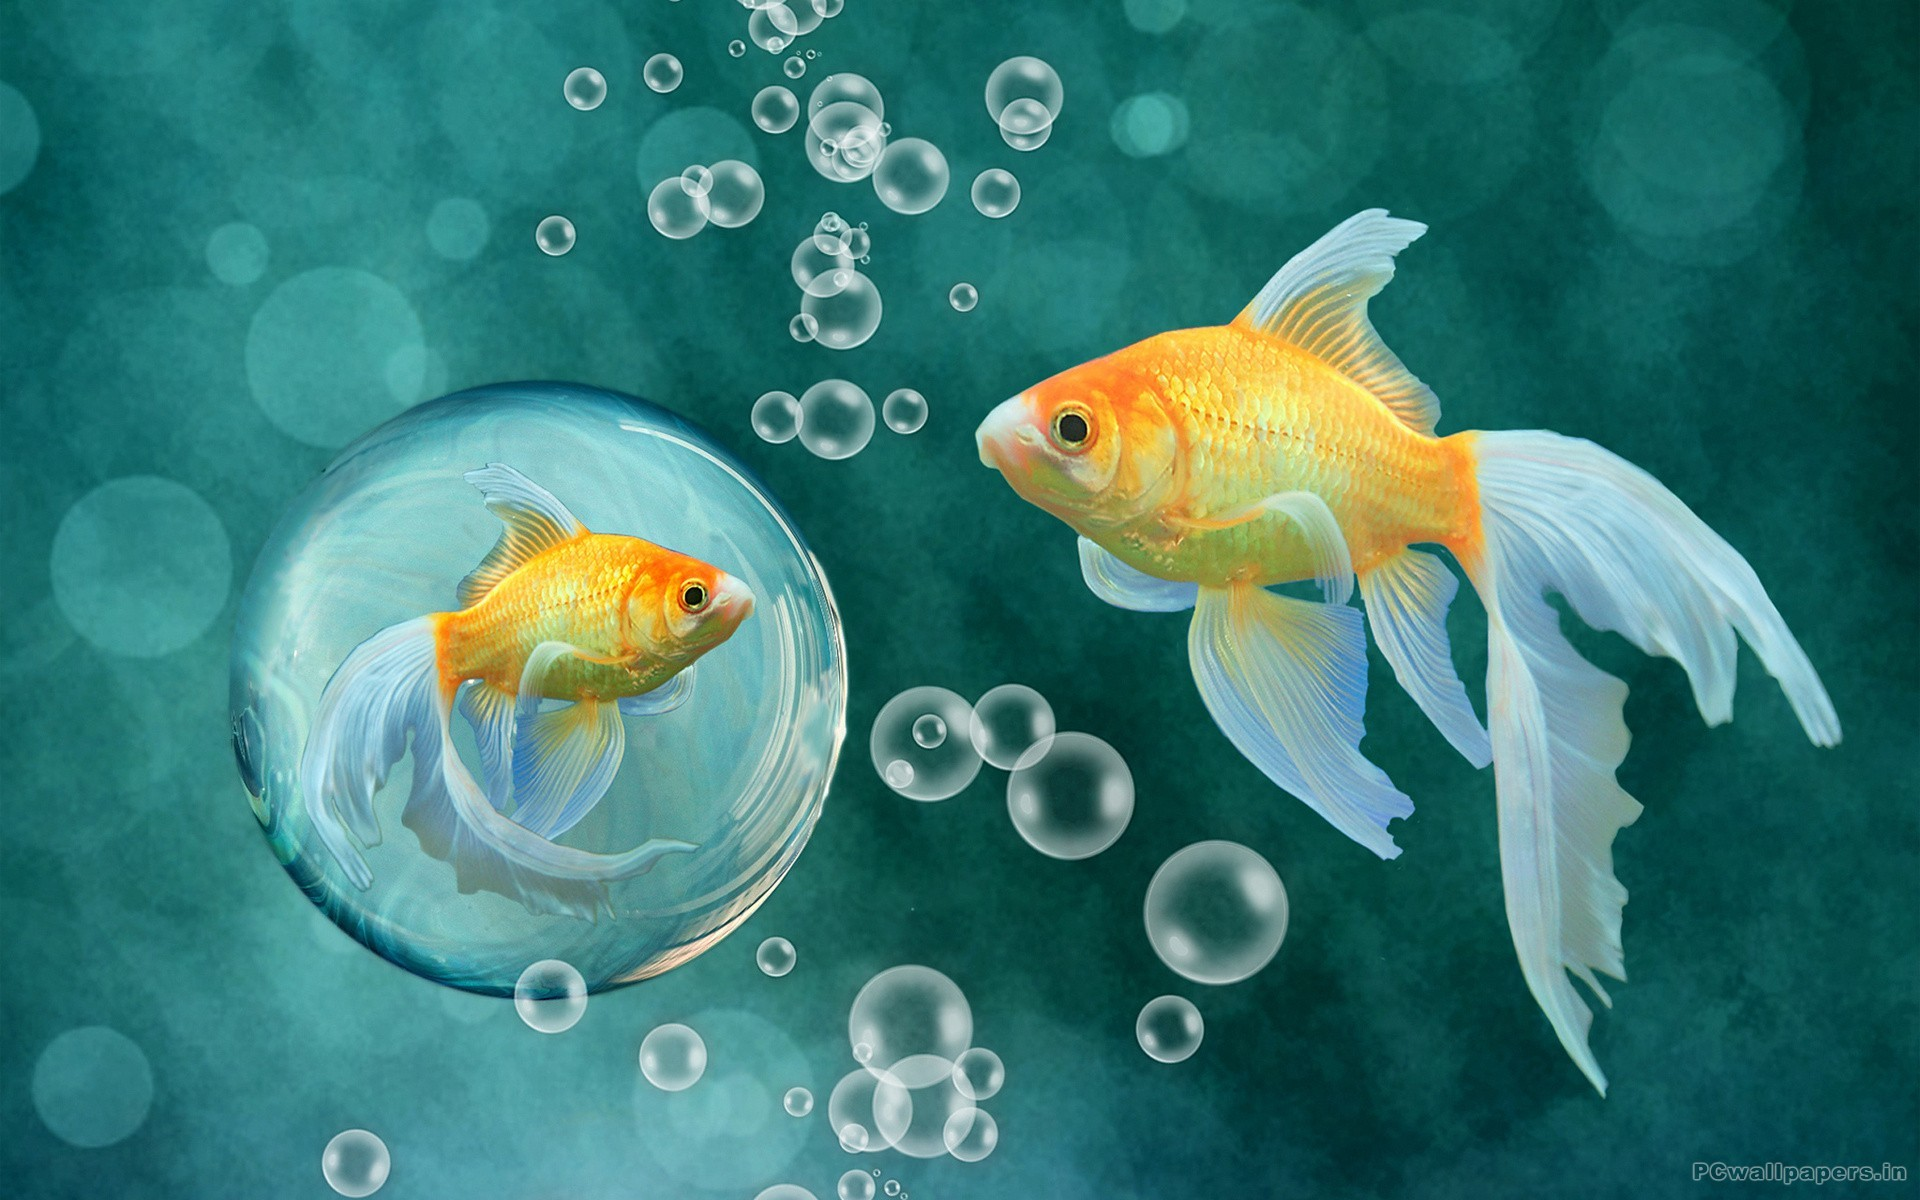 Fish Wallpaper, Top 35 Fish Wallpapers Original 4K Ultra HD .